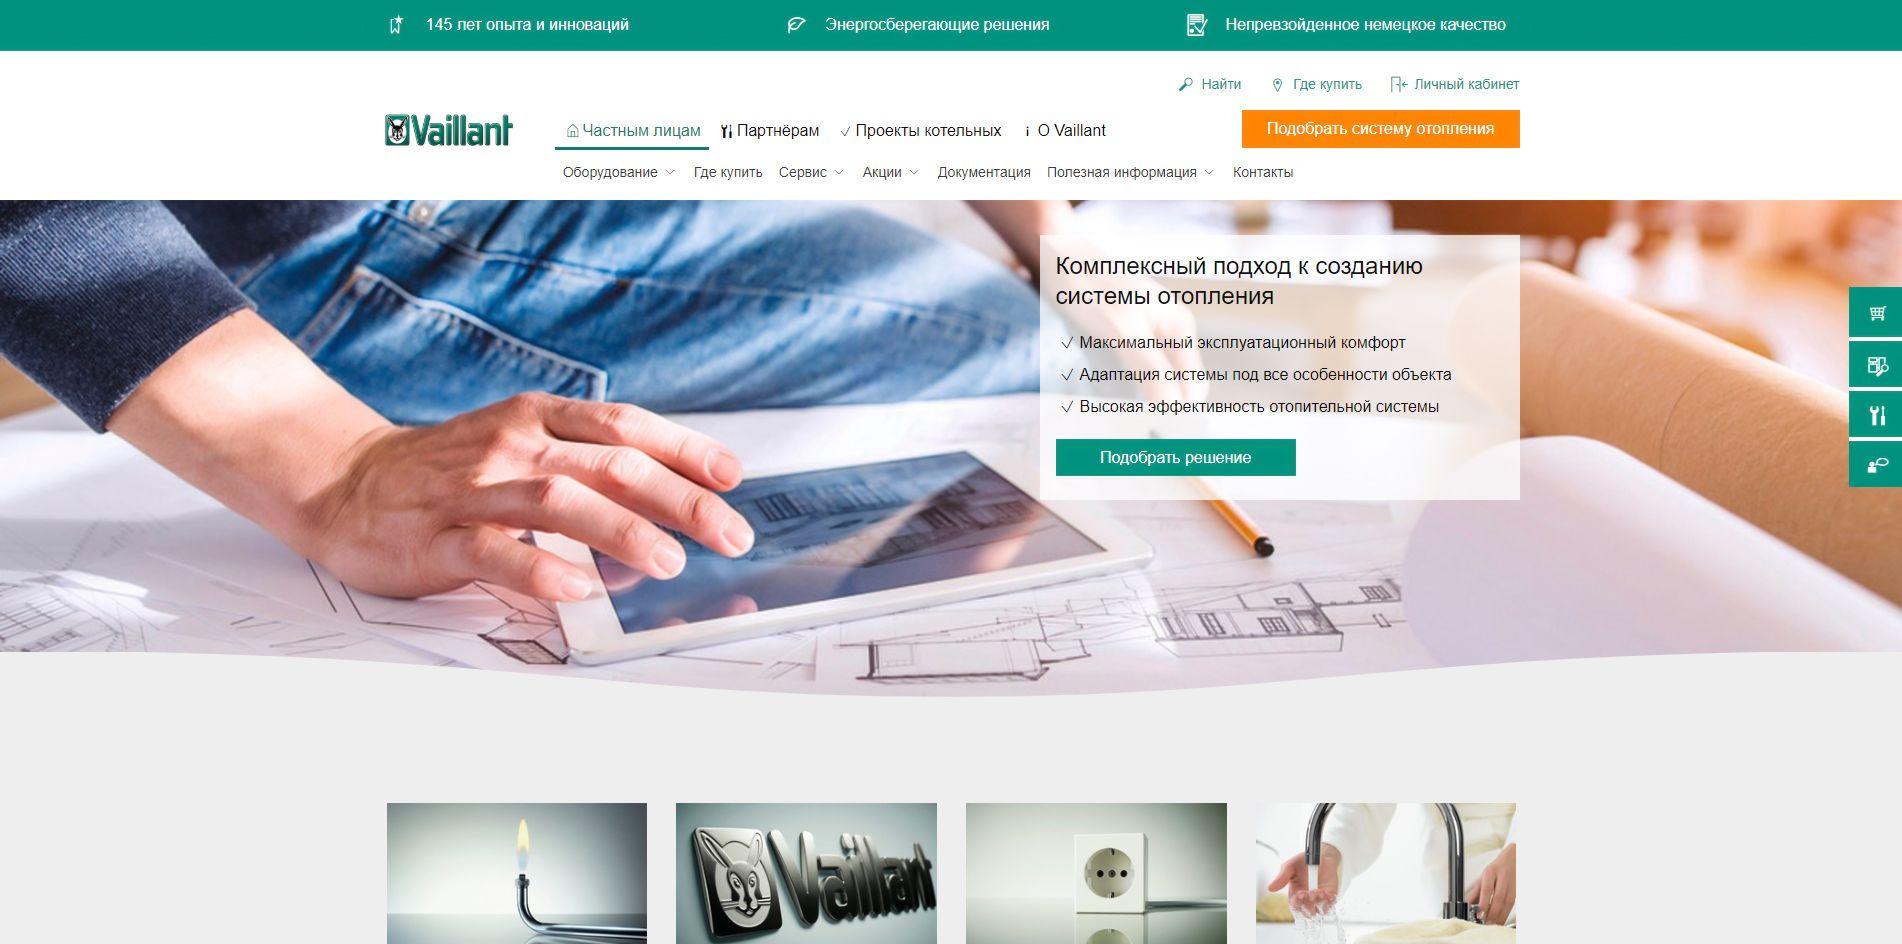 Официальный сайт Vaillant в России